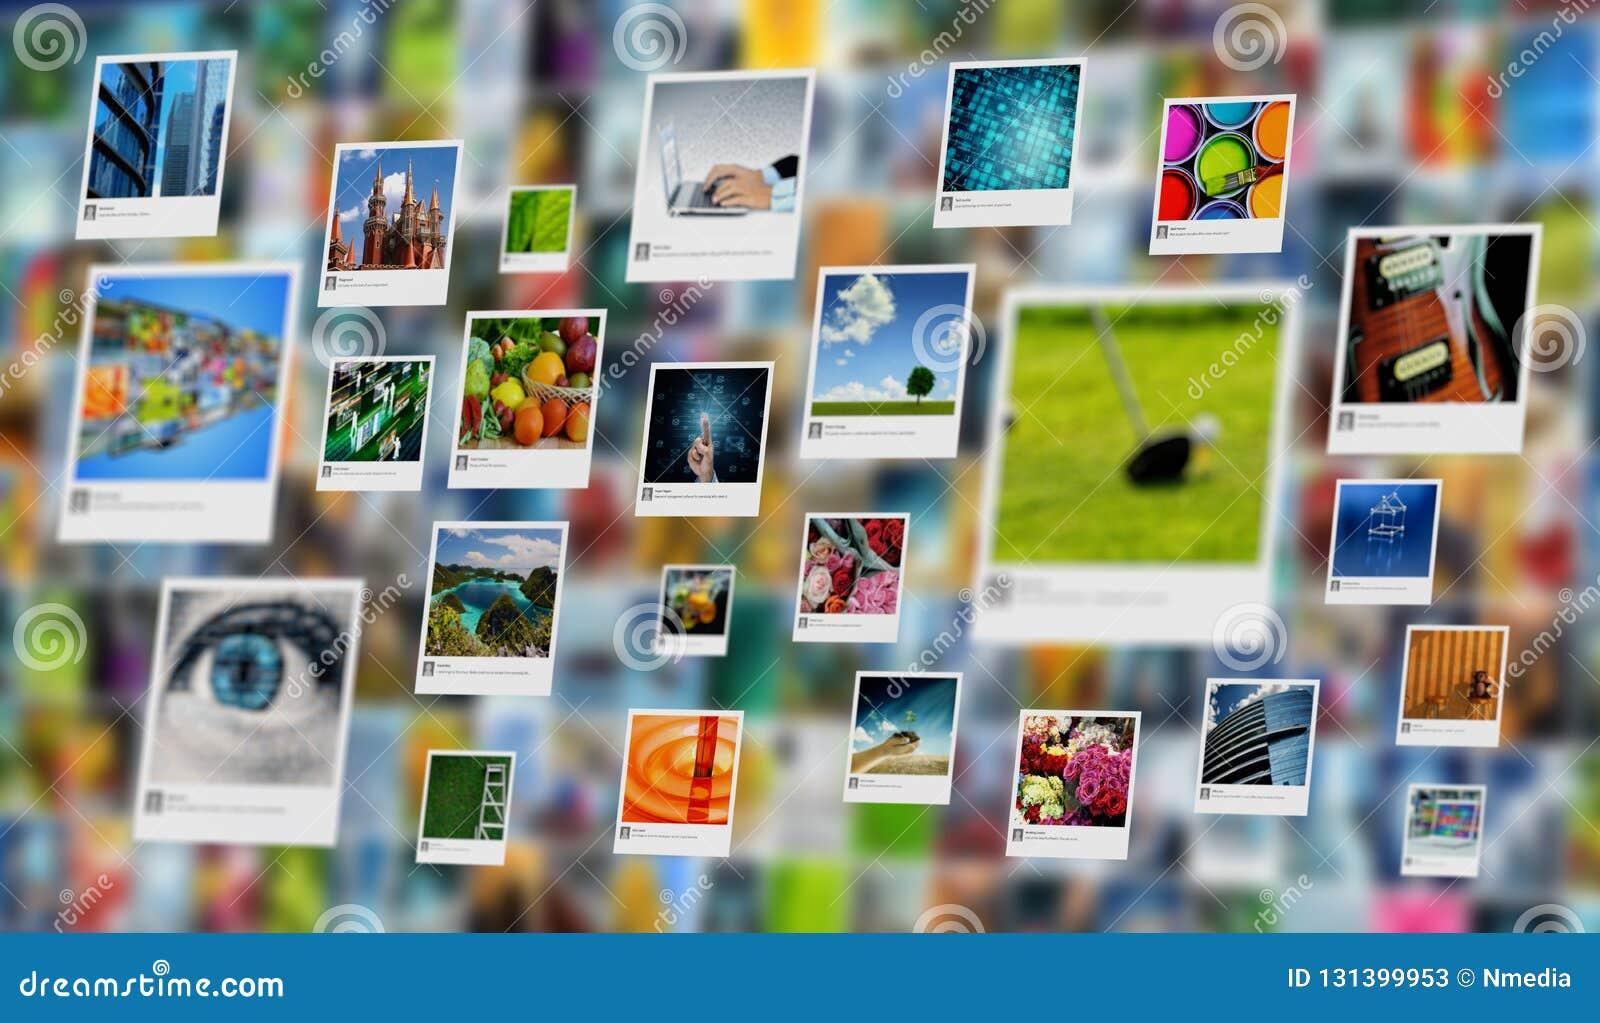 分享在互联网上的图象、照片或者图片概念